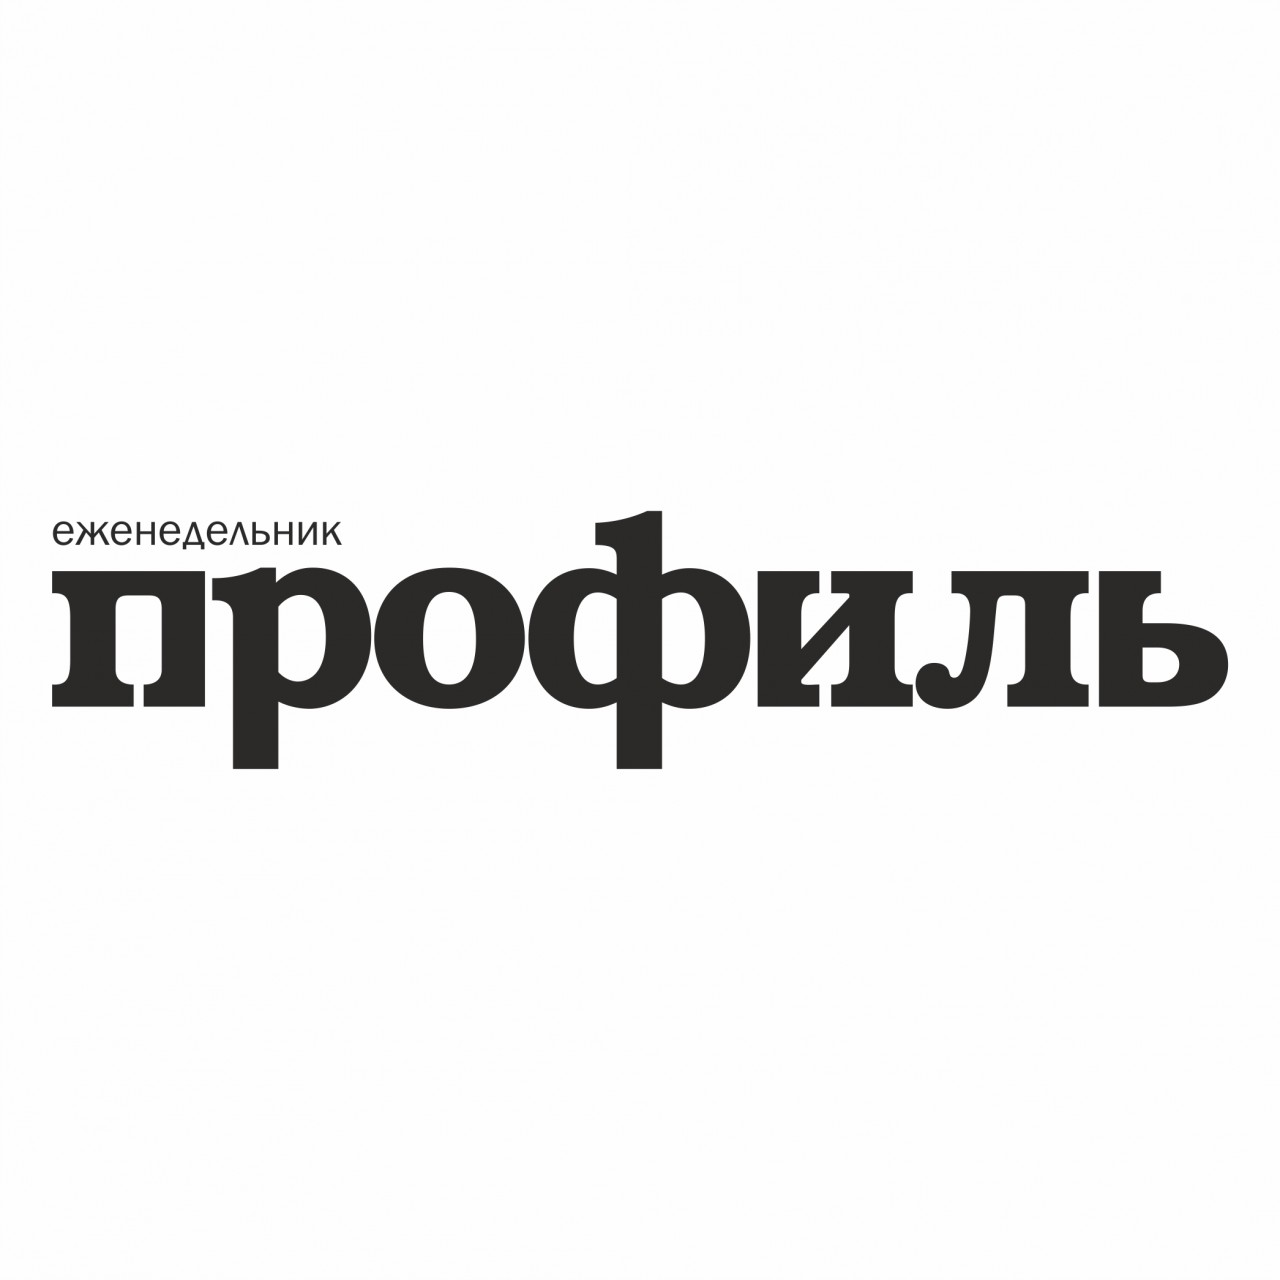 ВЦИОМ сообщил о падении рейтингов Путина и Медведева